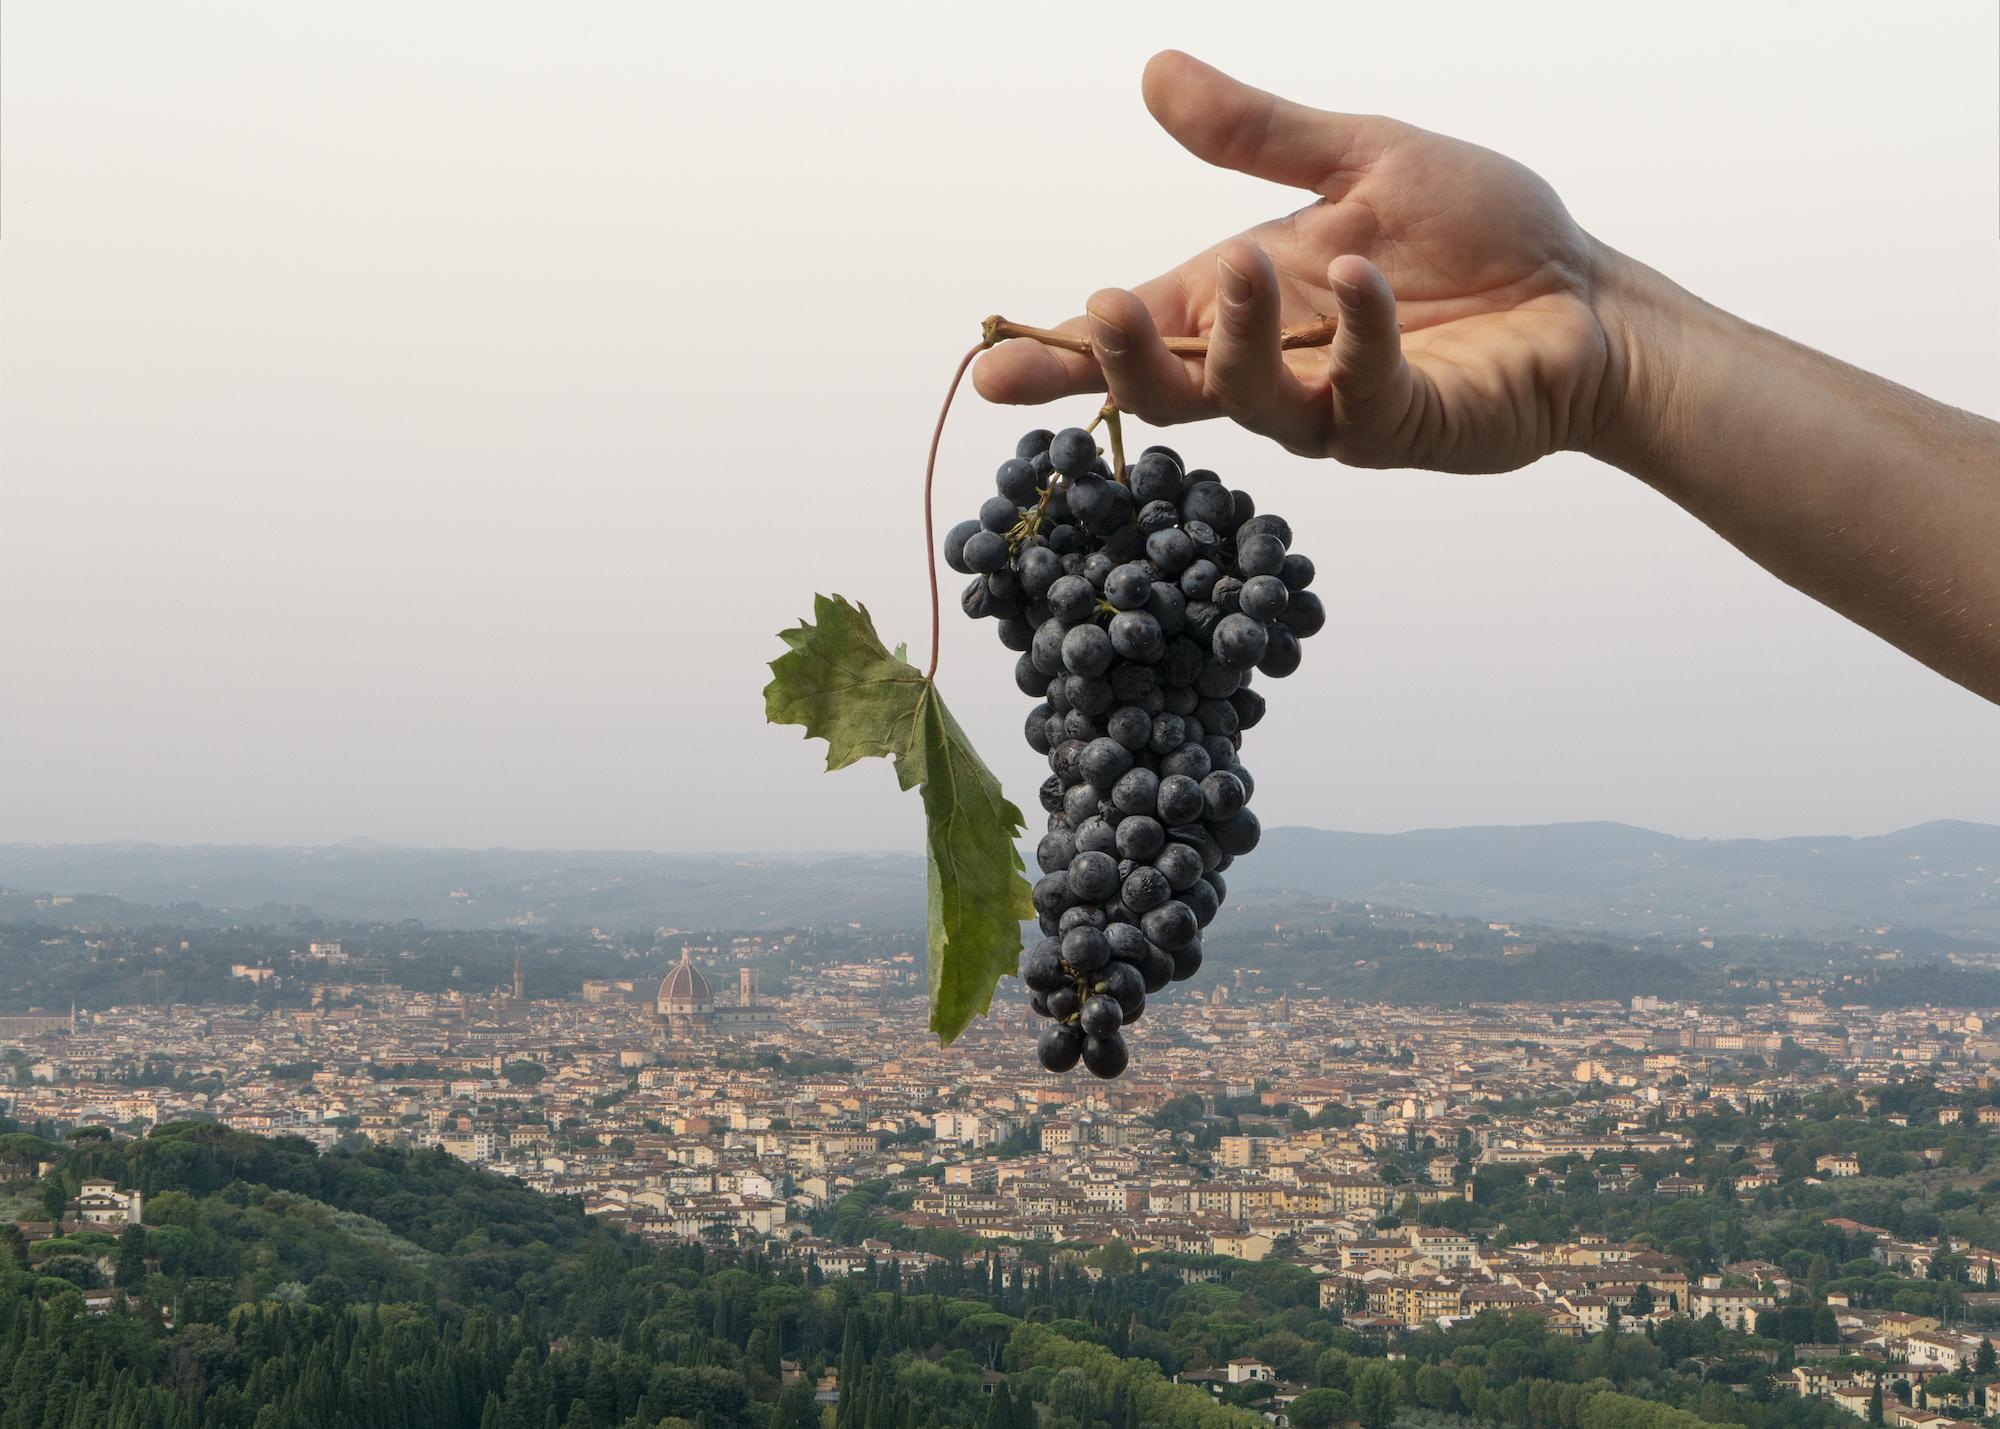 Grappolo d'uva dalla cantina di Bibi Graetz a Fiesole